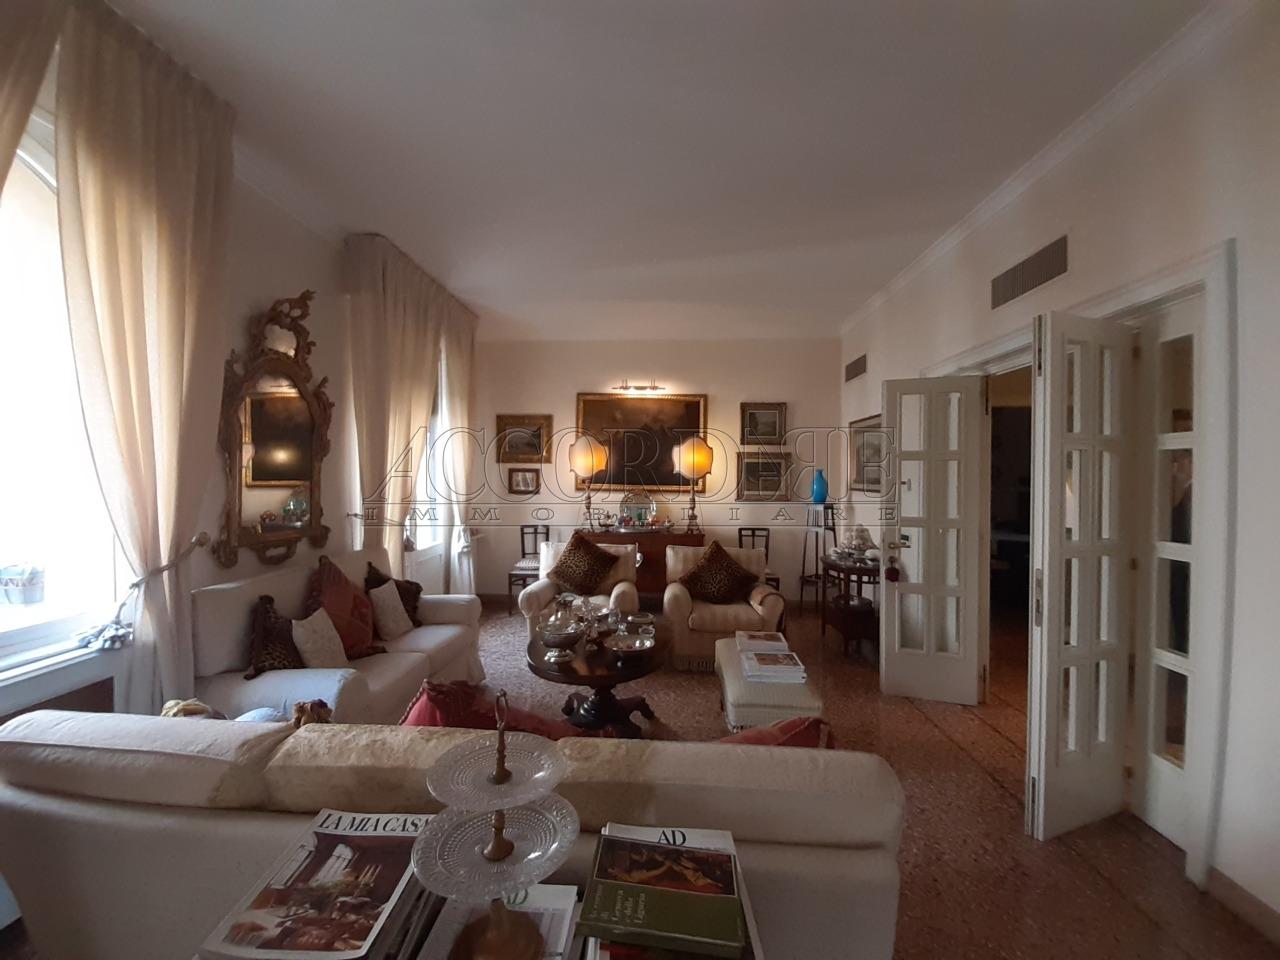 Appartamento in vendita a Padova, 10 locali, prezzo € 1.250.000 | PortaleAgenzieImmobiliari.it